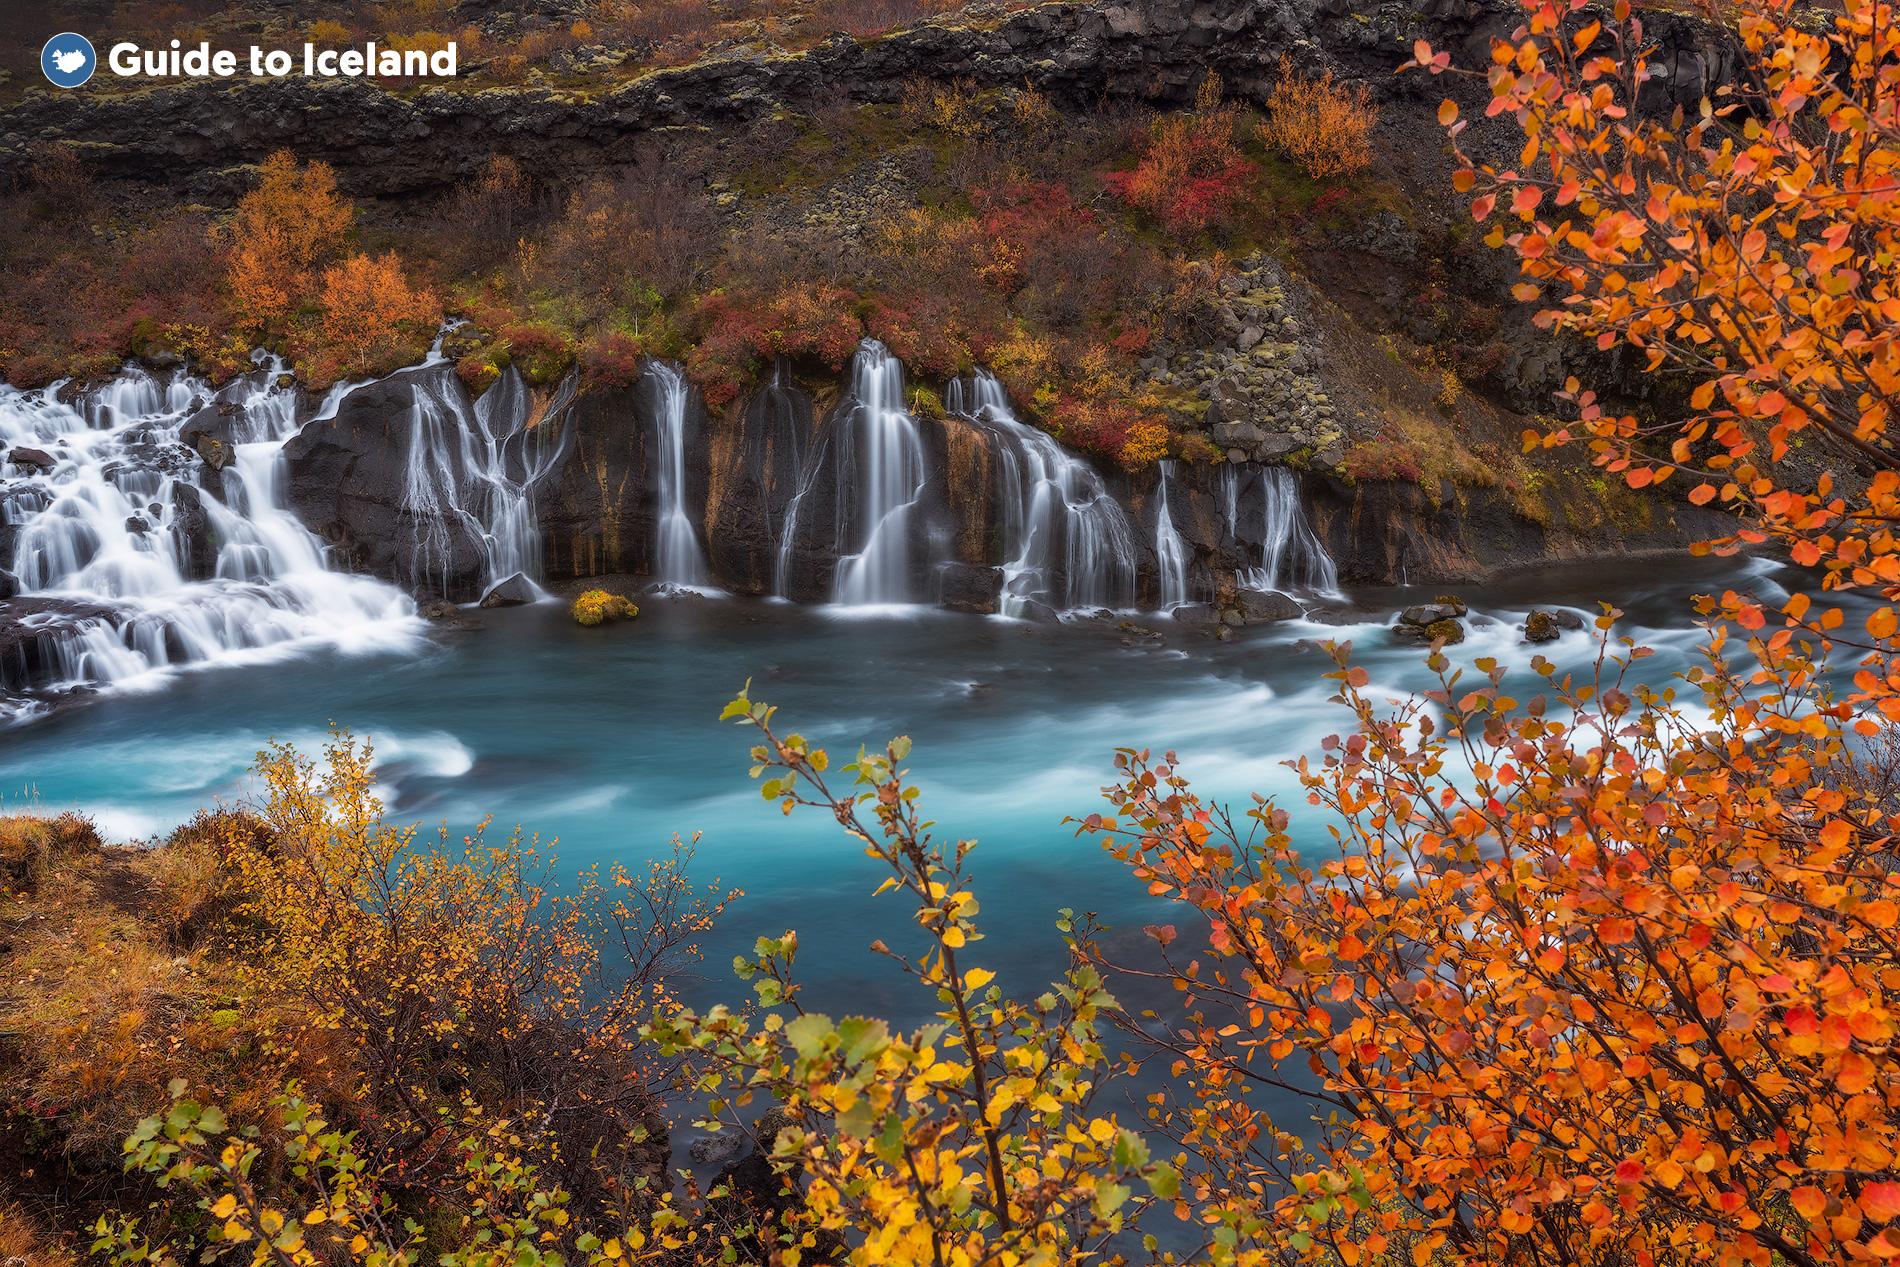 น้ำตกเฮินฟอซซาร์ที่สวยงามเป็นหนึ่งในสถานที่ท่องเที่ยวของชายฝั่งตะวันตกของประเทศไอซ์แลนด์